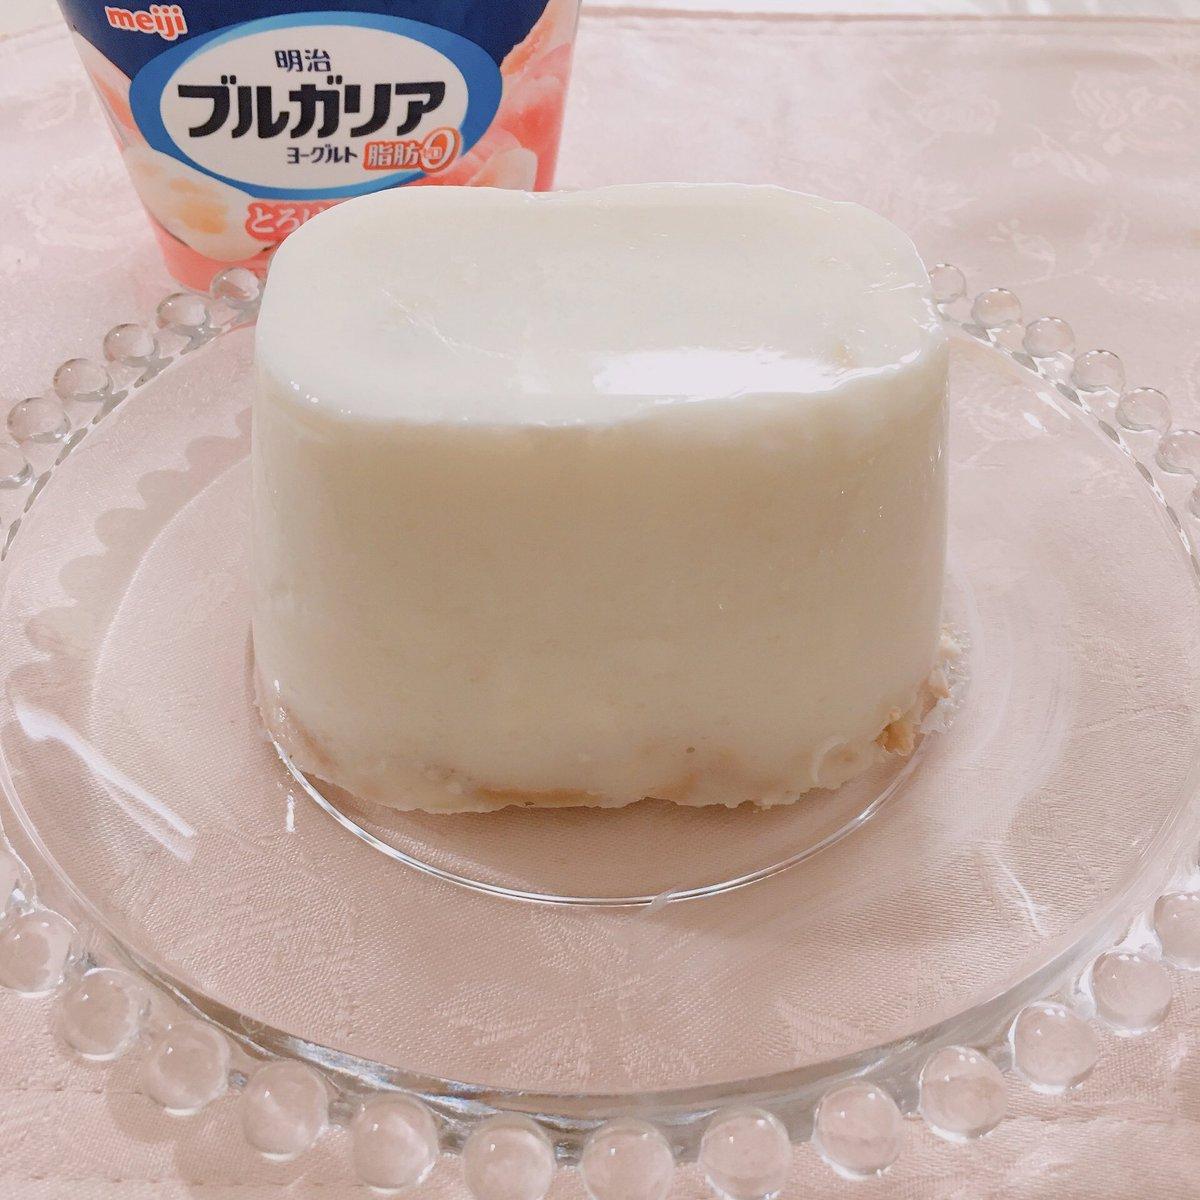 ブルガリア ヨーグルト チーズ ケーキ